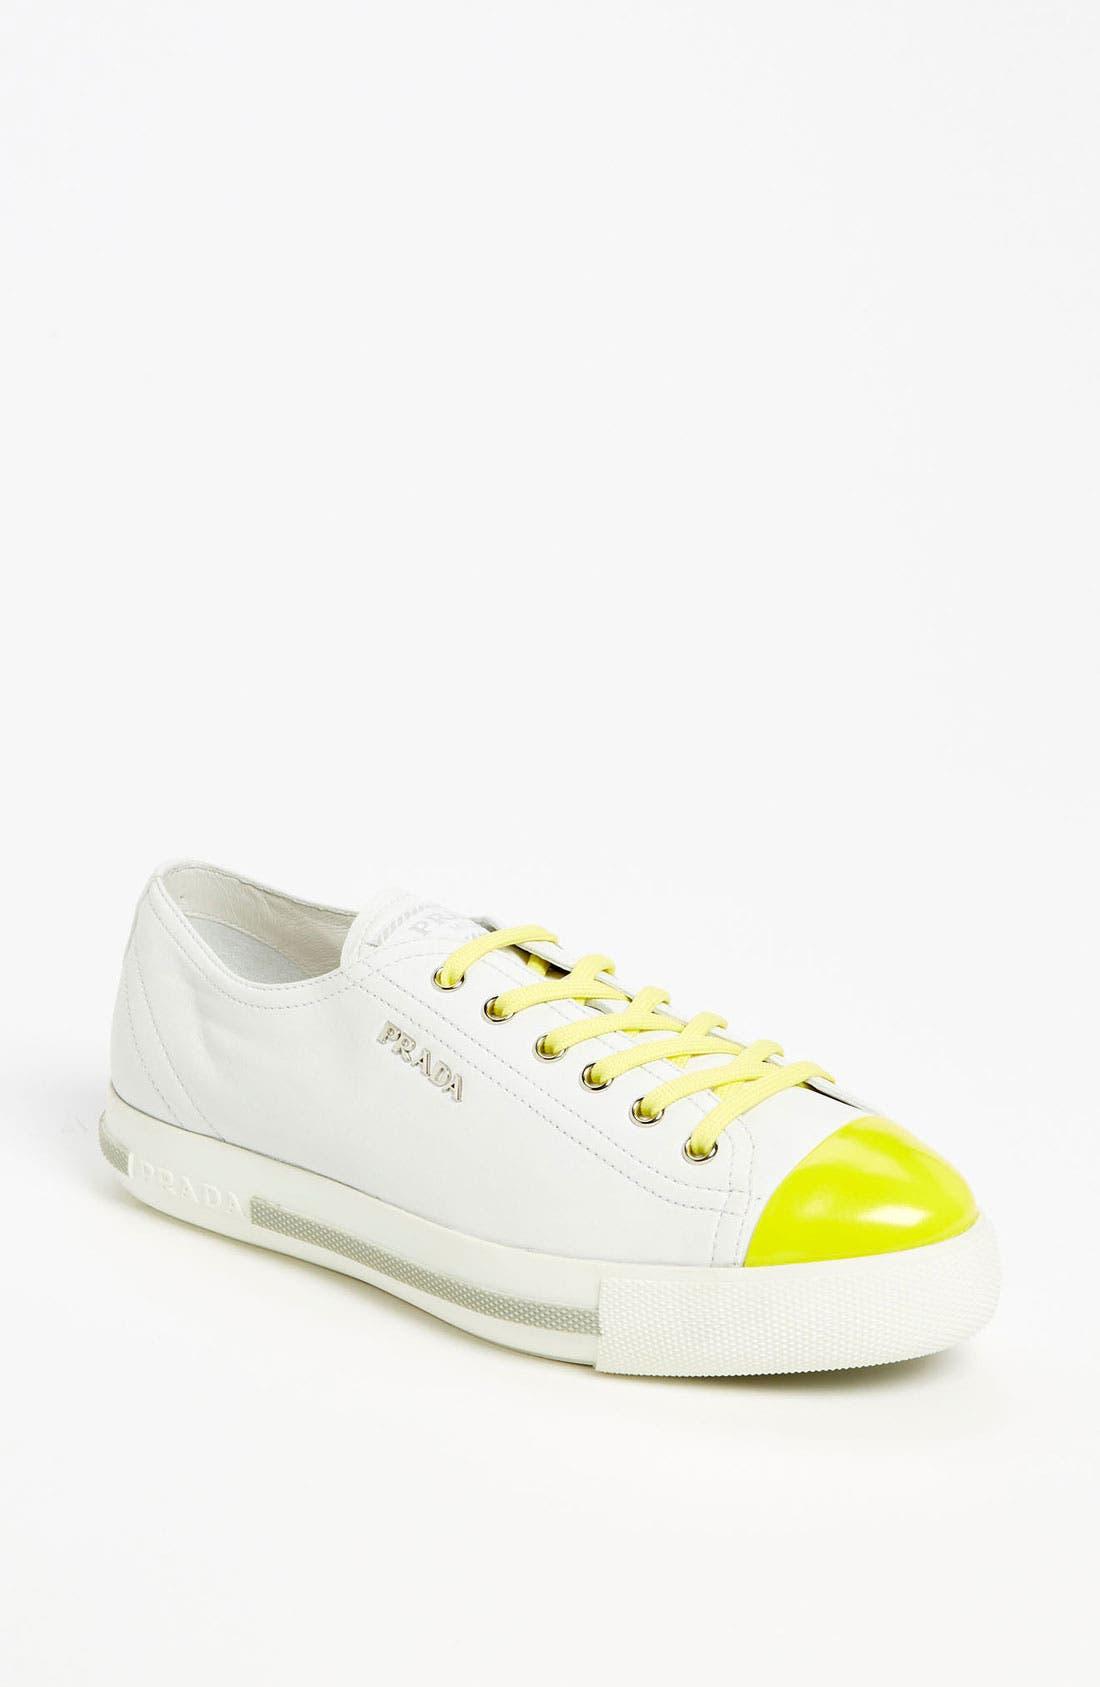 Alternate Image 1 Selected - Prada Cap Toe Sneaker